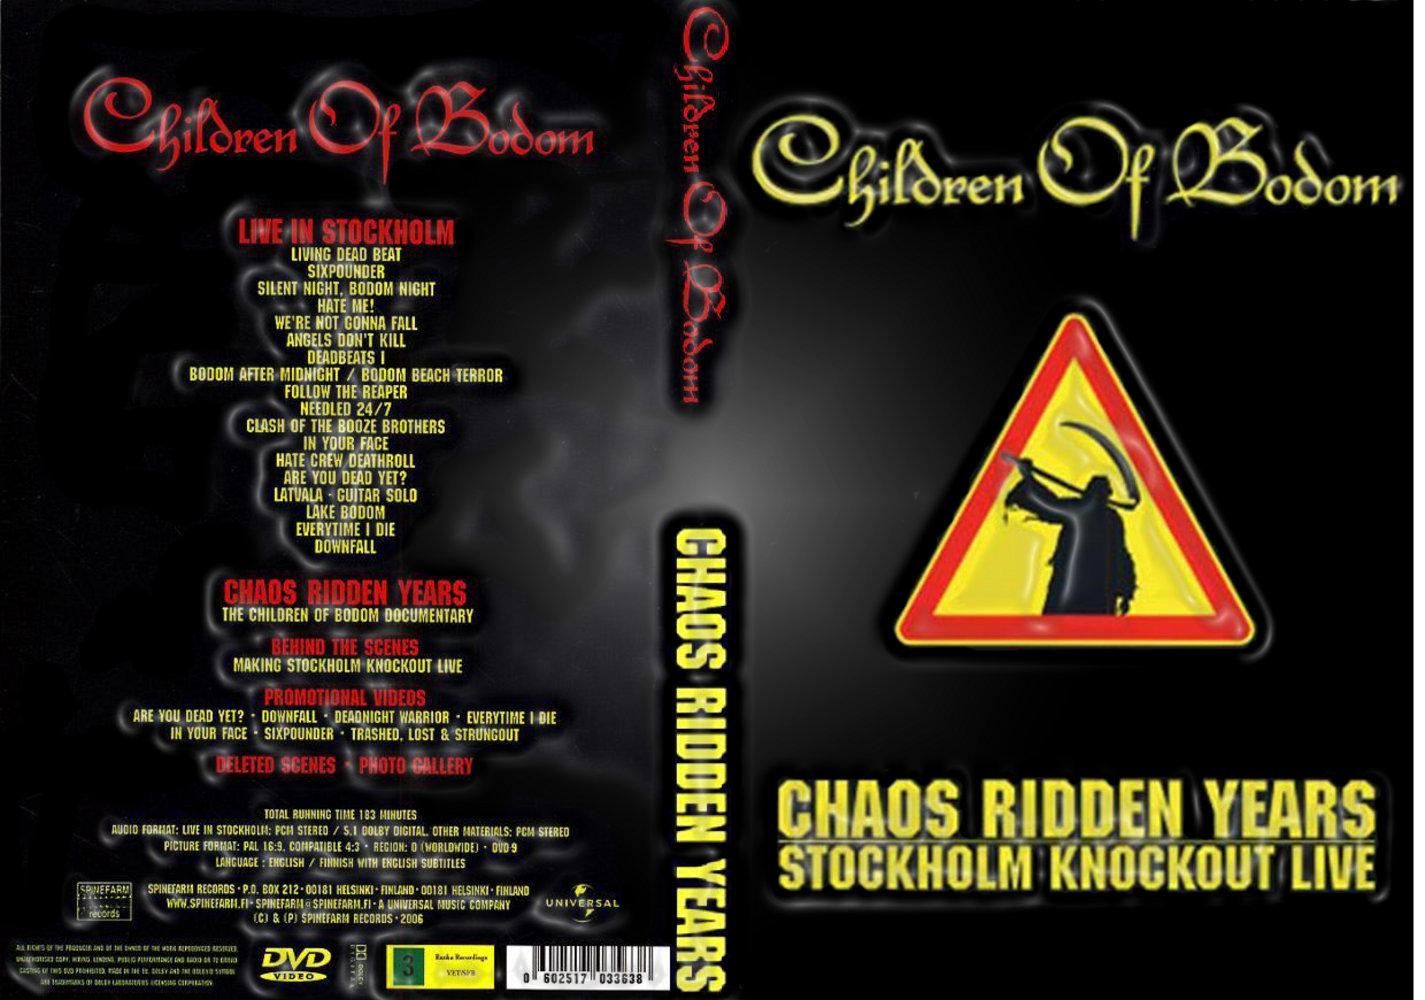 http://2.bp.blogspot.com/_qu2AHMImntU/SGlIBMgWTiI/AAAAAAAAA28/uasFQeqEYFY/s1600/Children_Of_Bodom_Chaos_Ridden_Years-%5Bcdcovers_cc